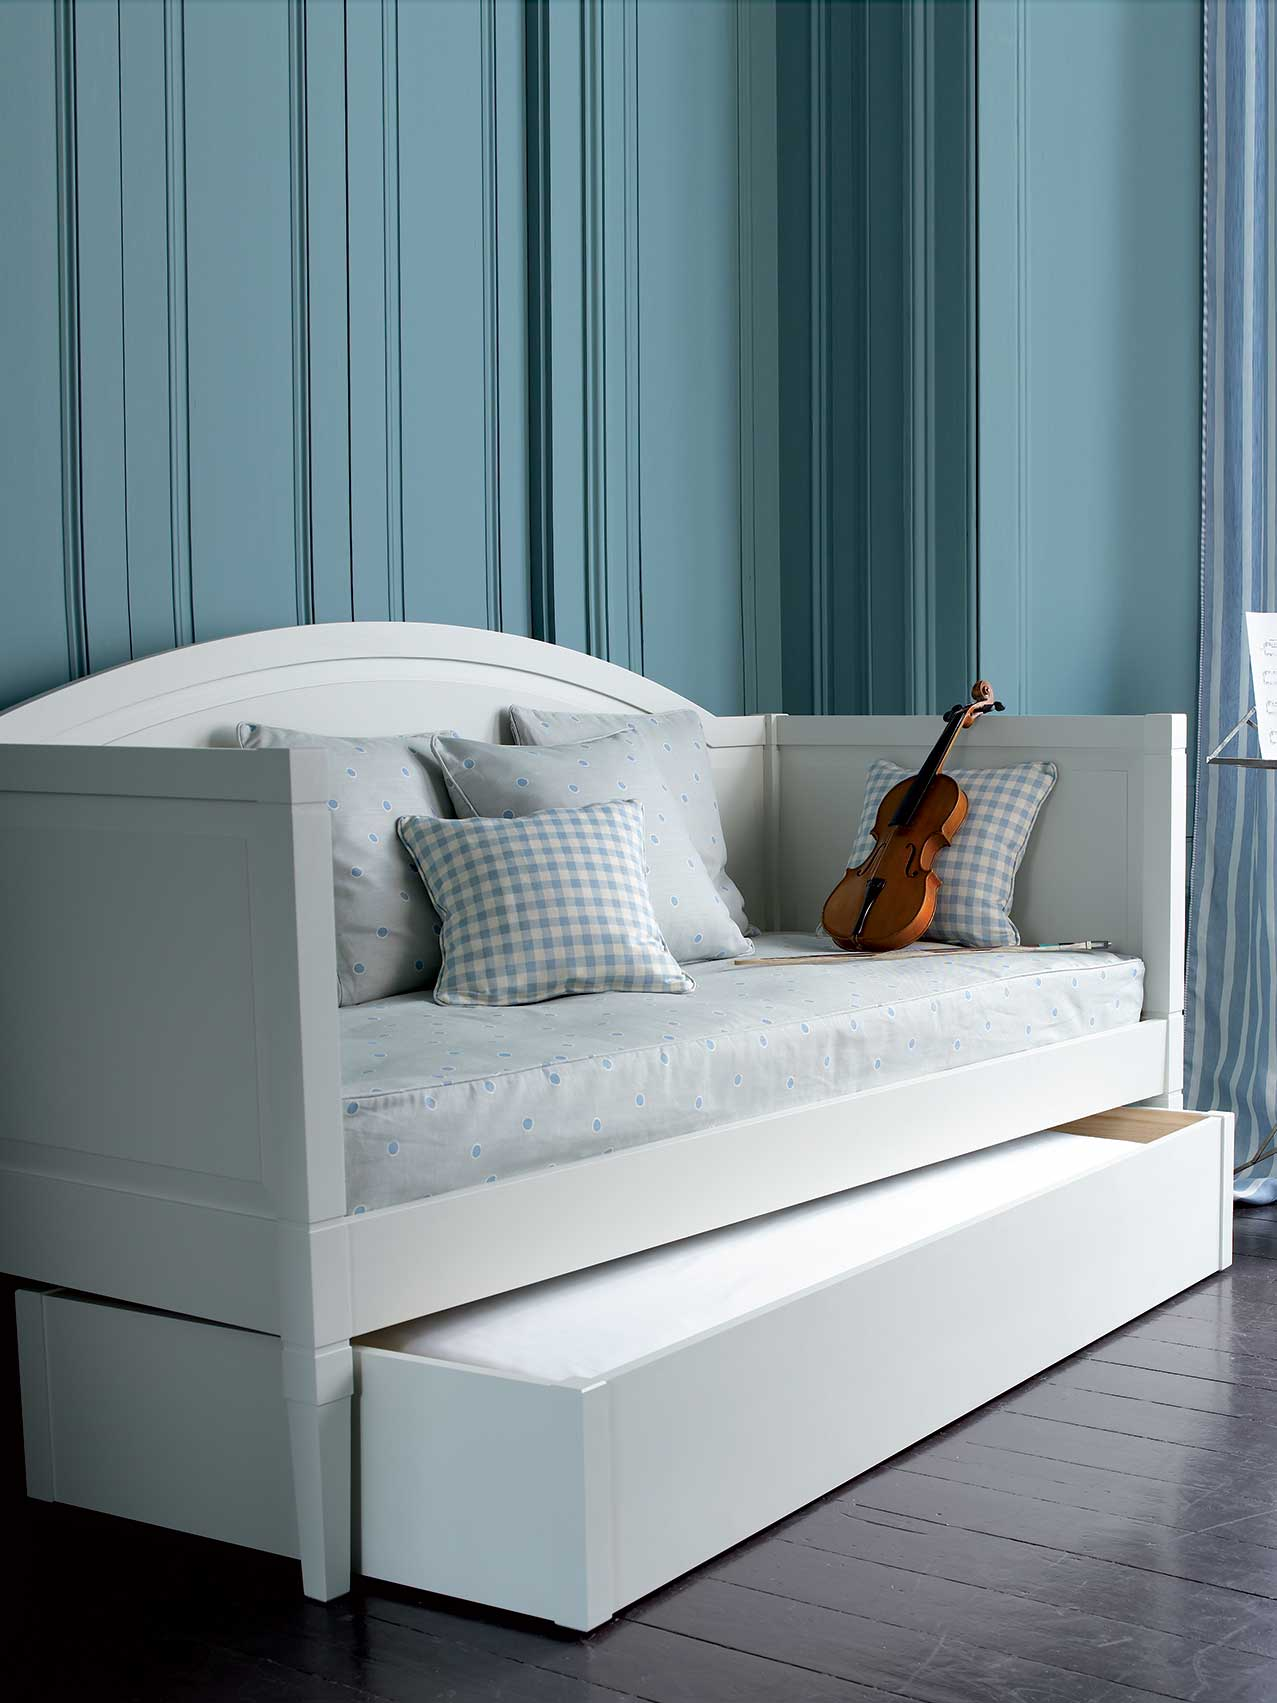 Contemporary Day Bed C304 Leporello